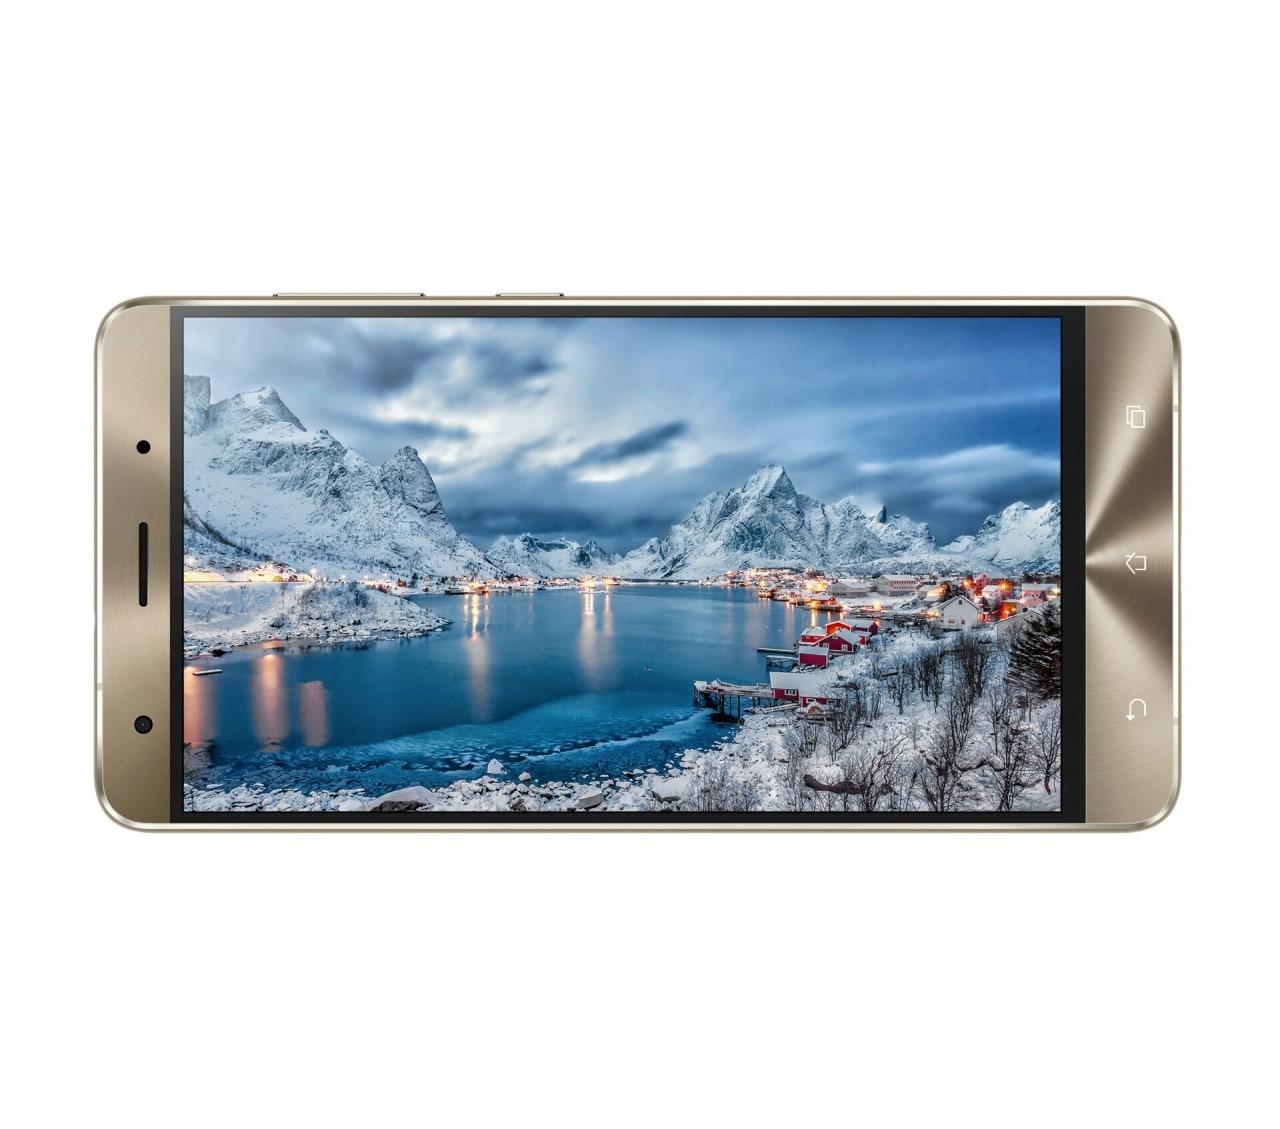 ASUS ZenFone 3 Deluxe - 8